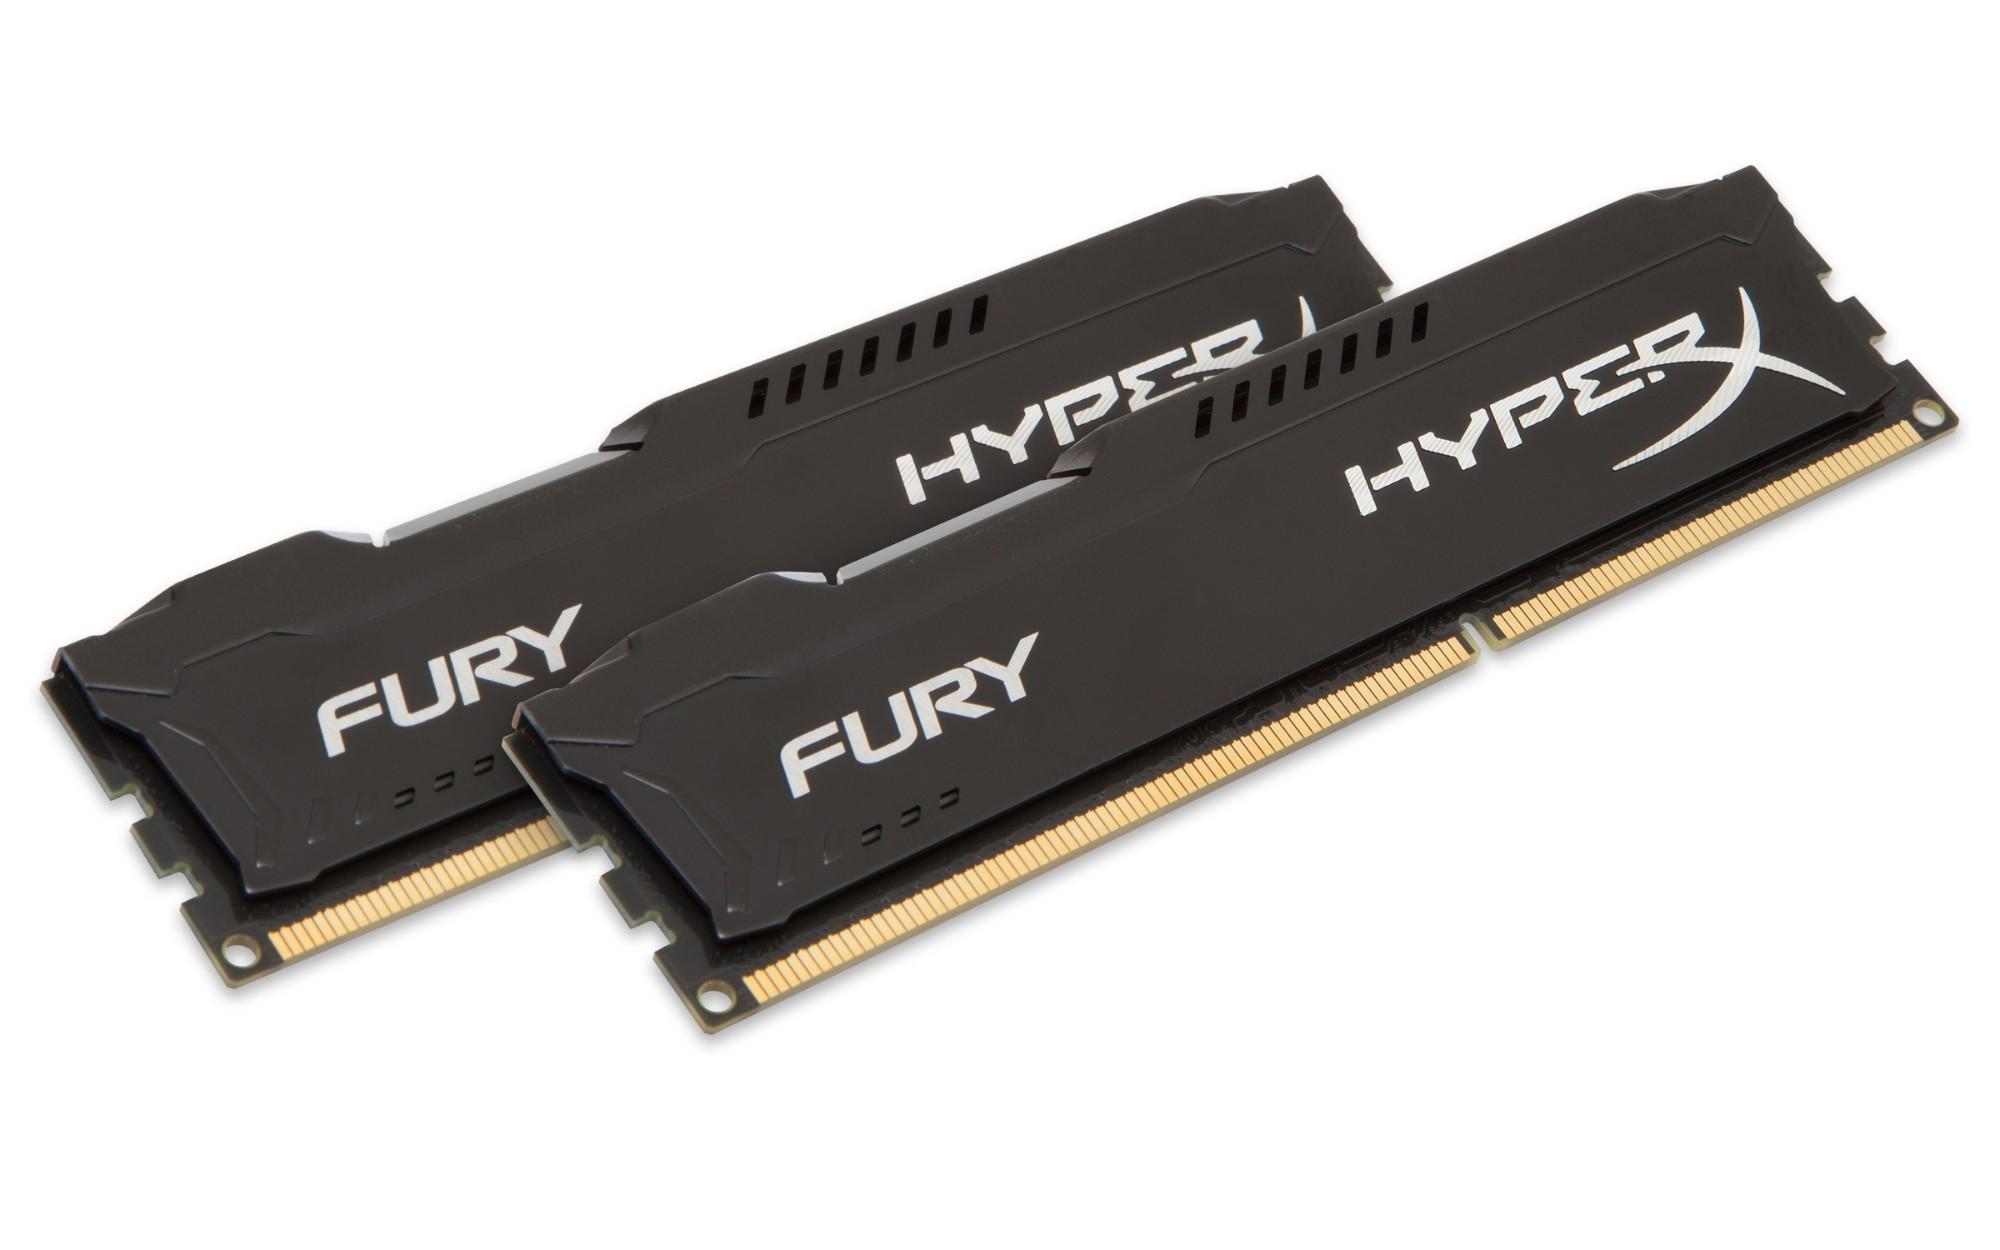 HyperX FURY Black 8GB 1600MHz DDR3 módulo de memoria 2 x 4 GB